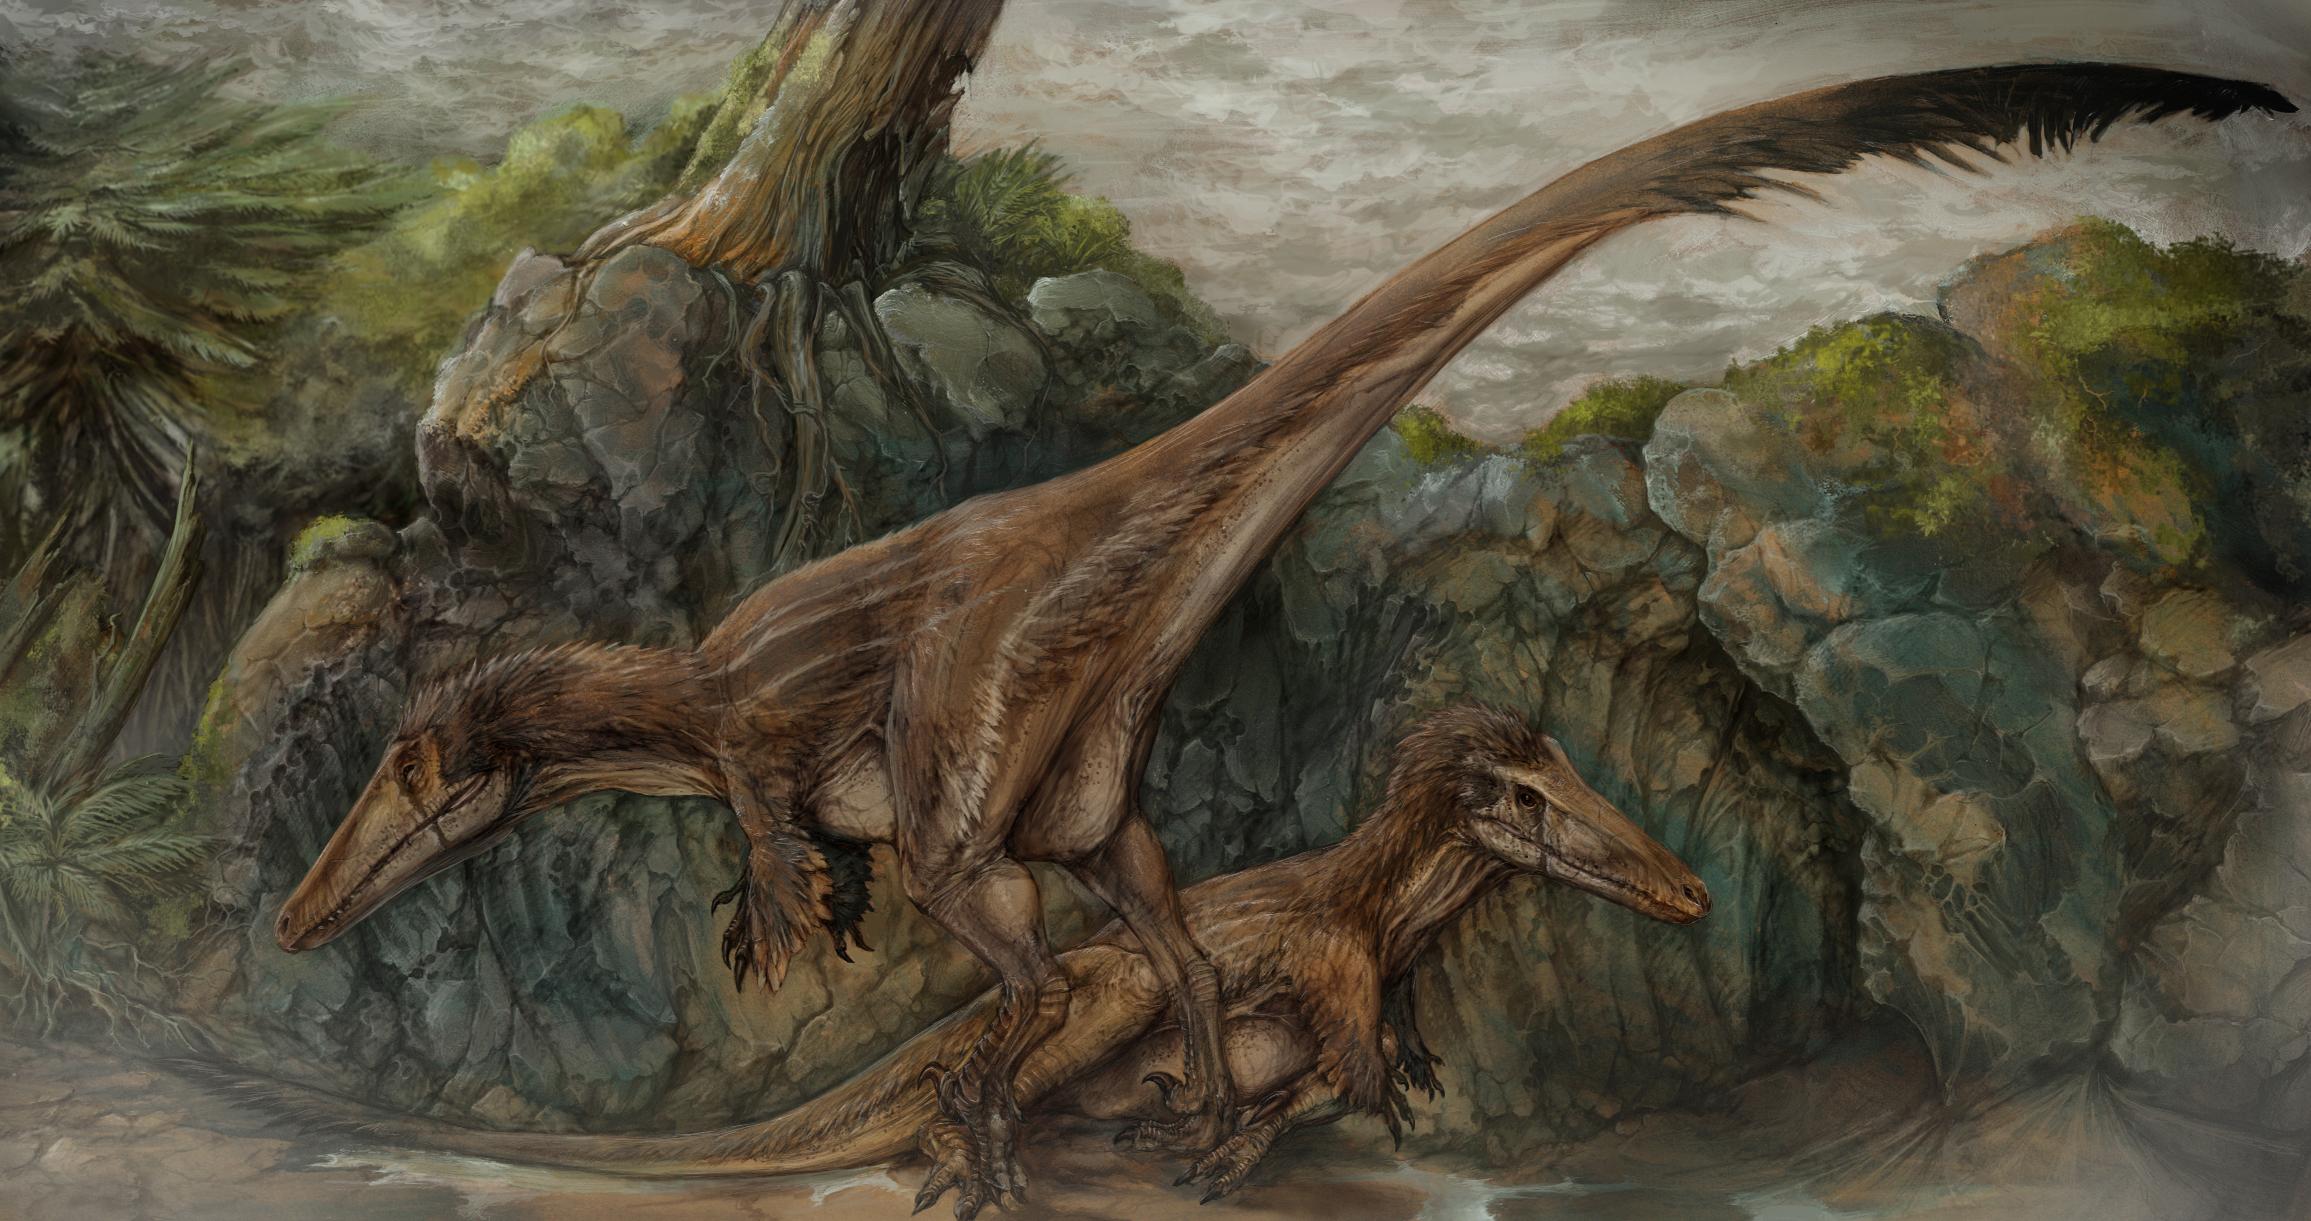 http://dinopedia.ru/img/dinoid/austroraptor/austroraptor_art/dig/big/austroraptor_01.jpg